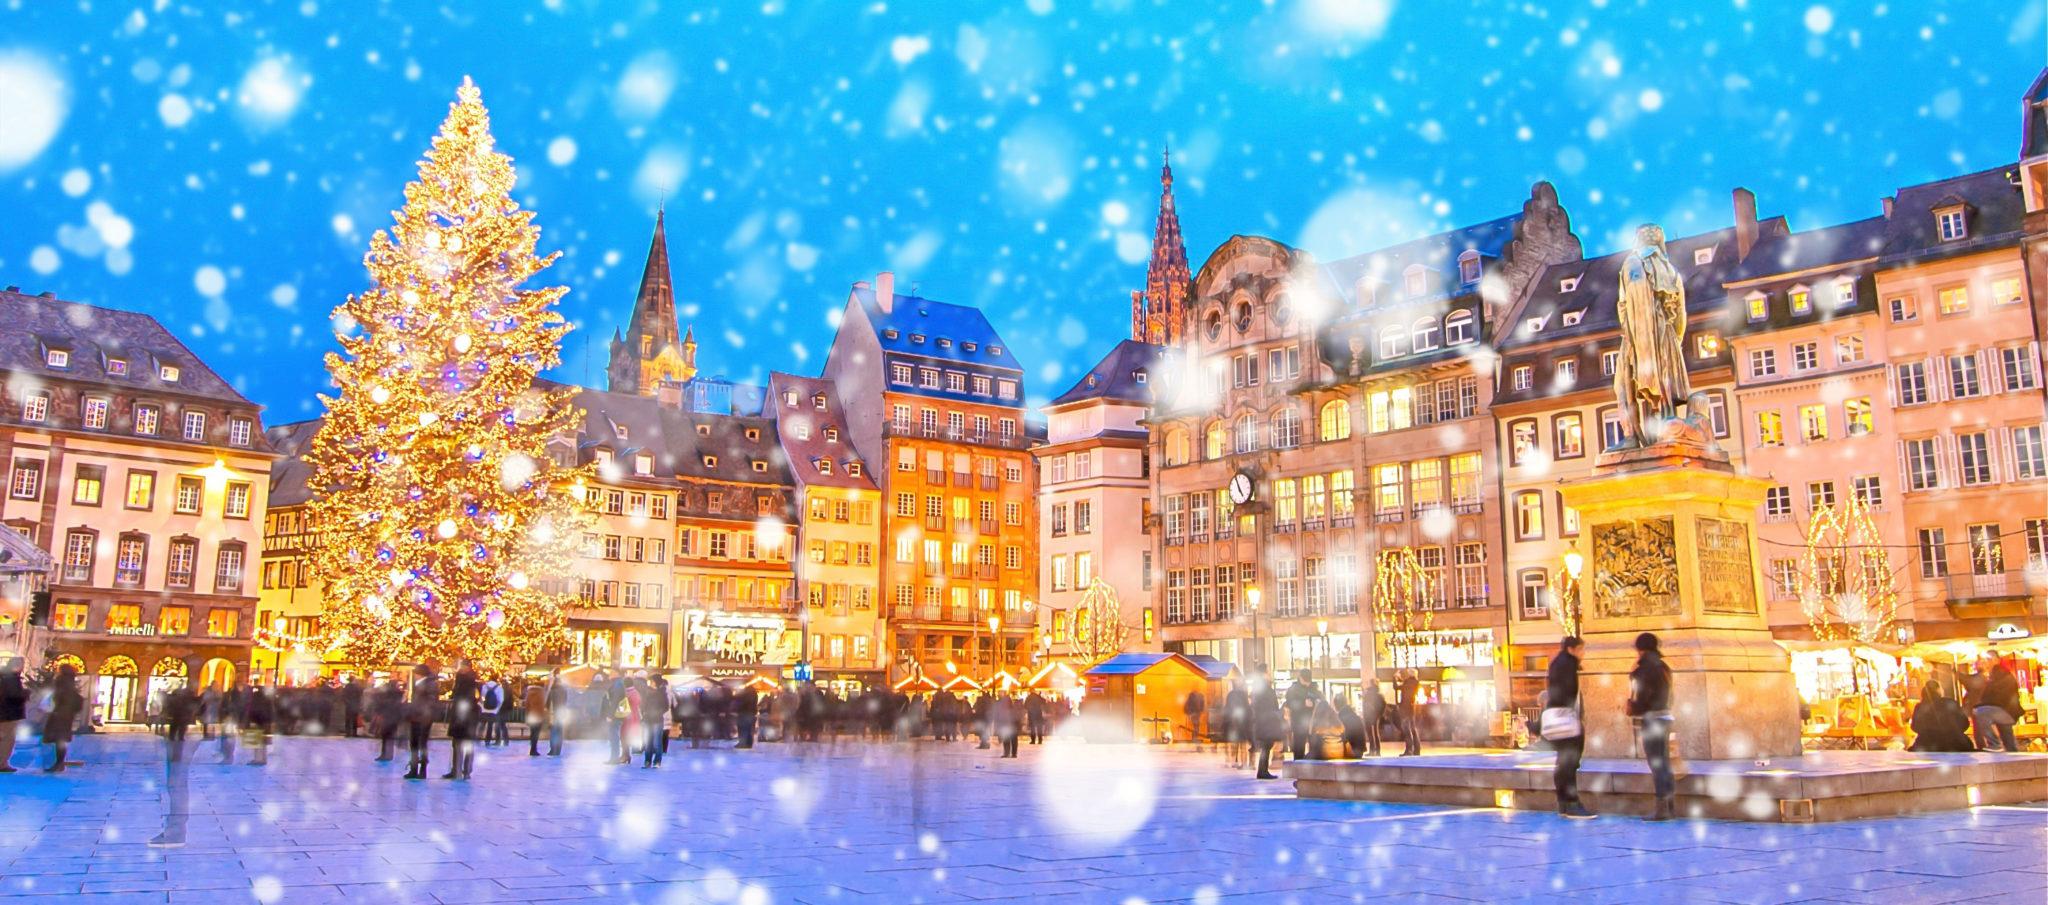 Weihnachtsmarkt im winterlichen Straßbourg